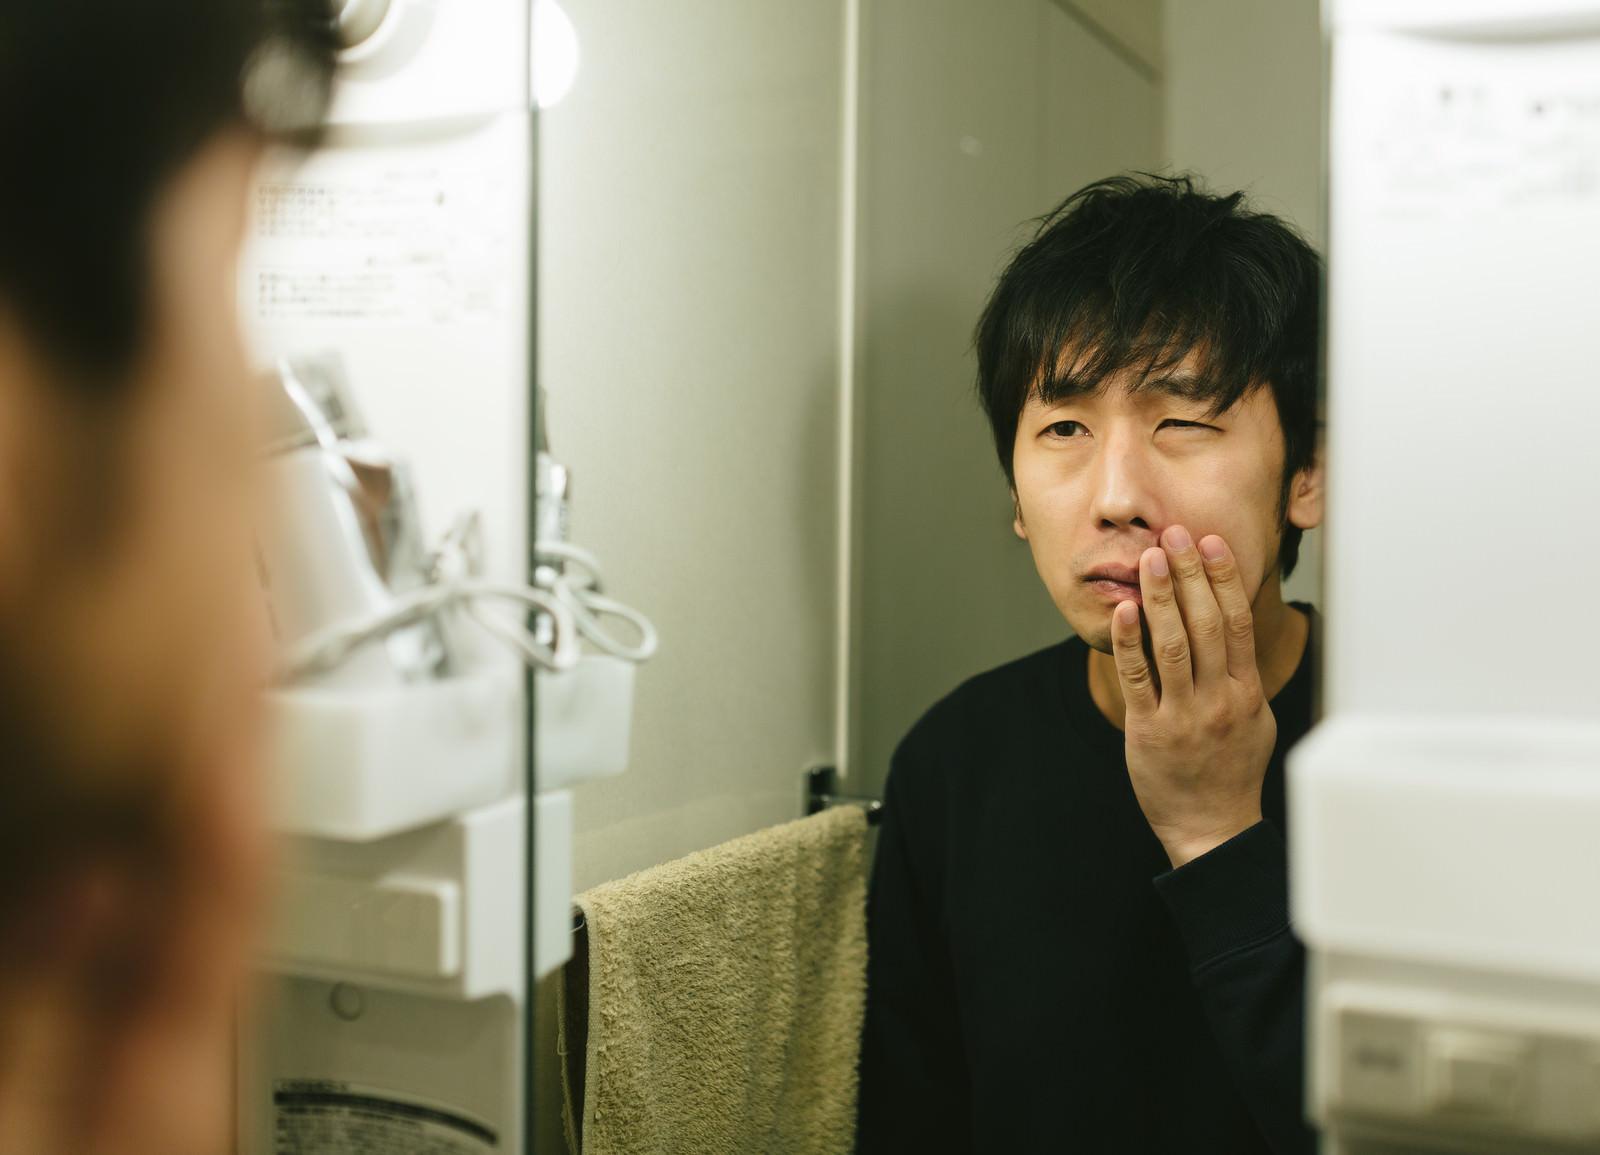 「カミソリ負けに悩む敏感肌の男性カミソリ負けに悩む敏感肌の男性」[モデル:大川竜弥]のフリー写真素材を拡大